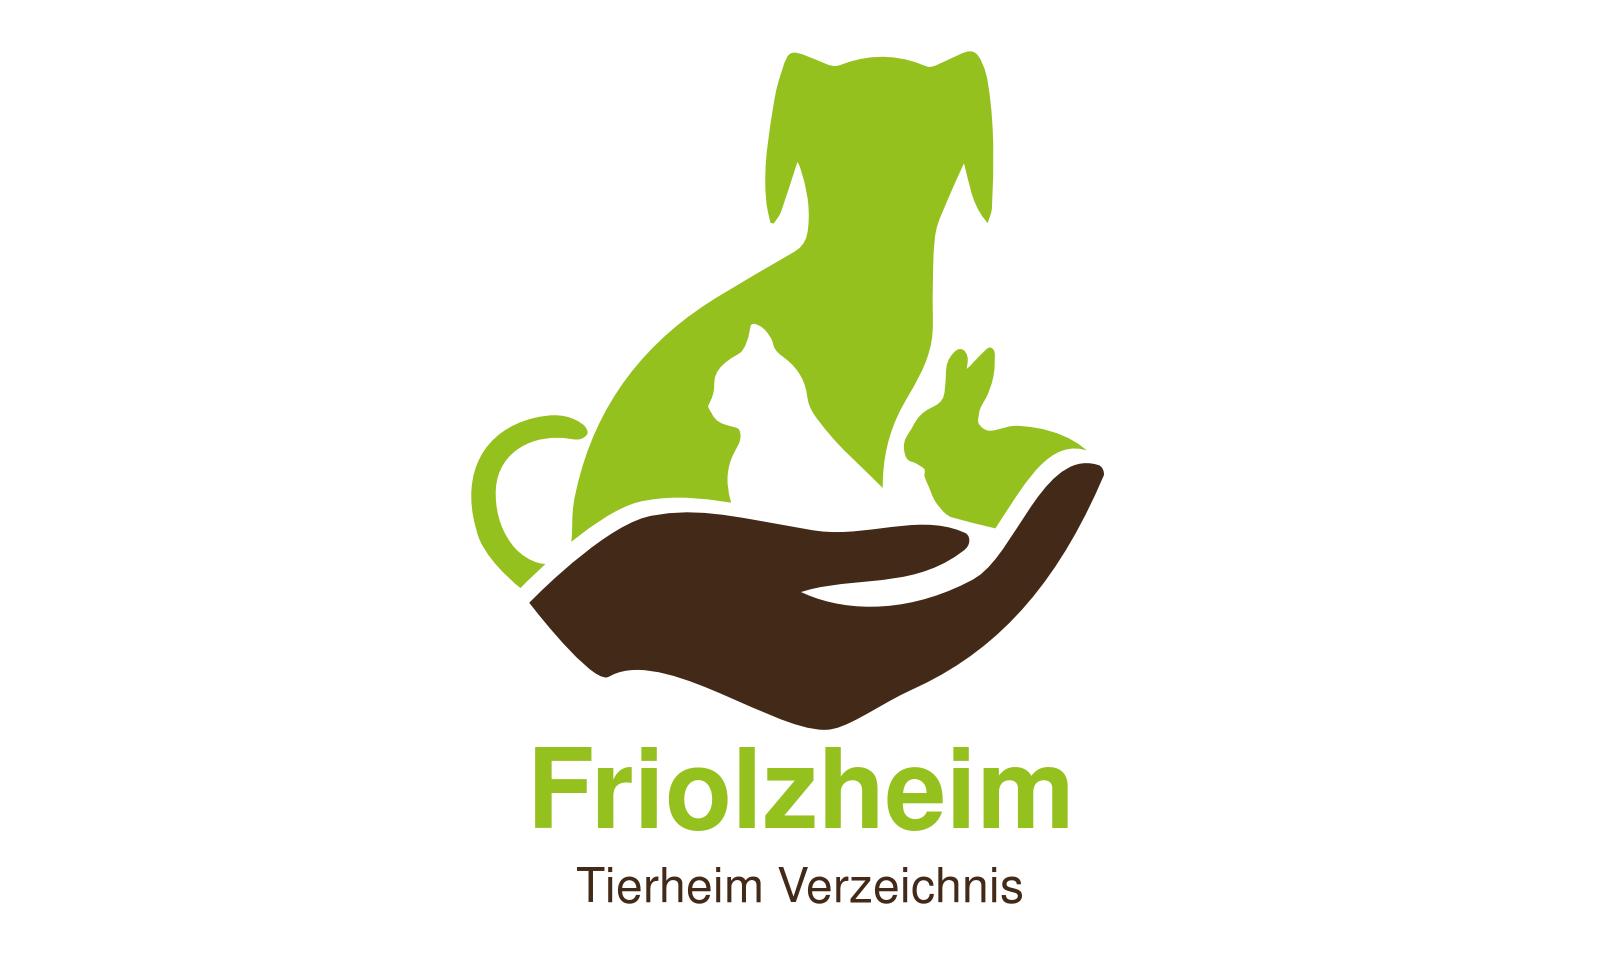 Tierheim Friolzheim